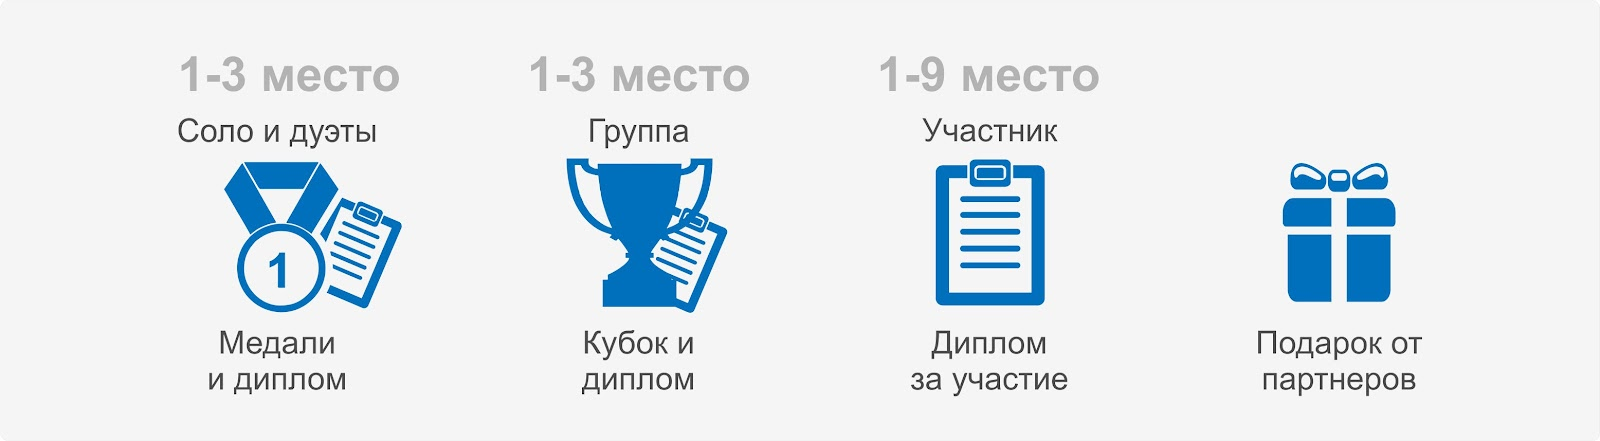 Награждение.jpg